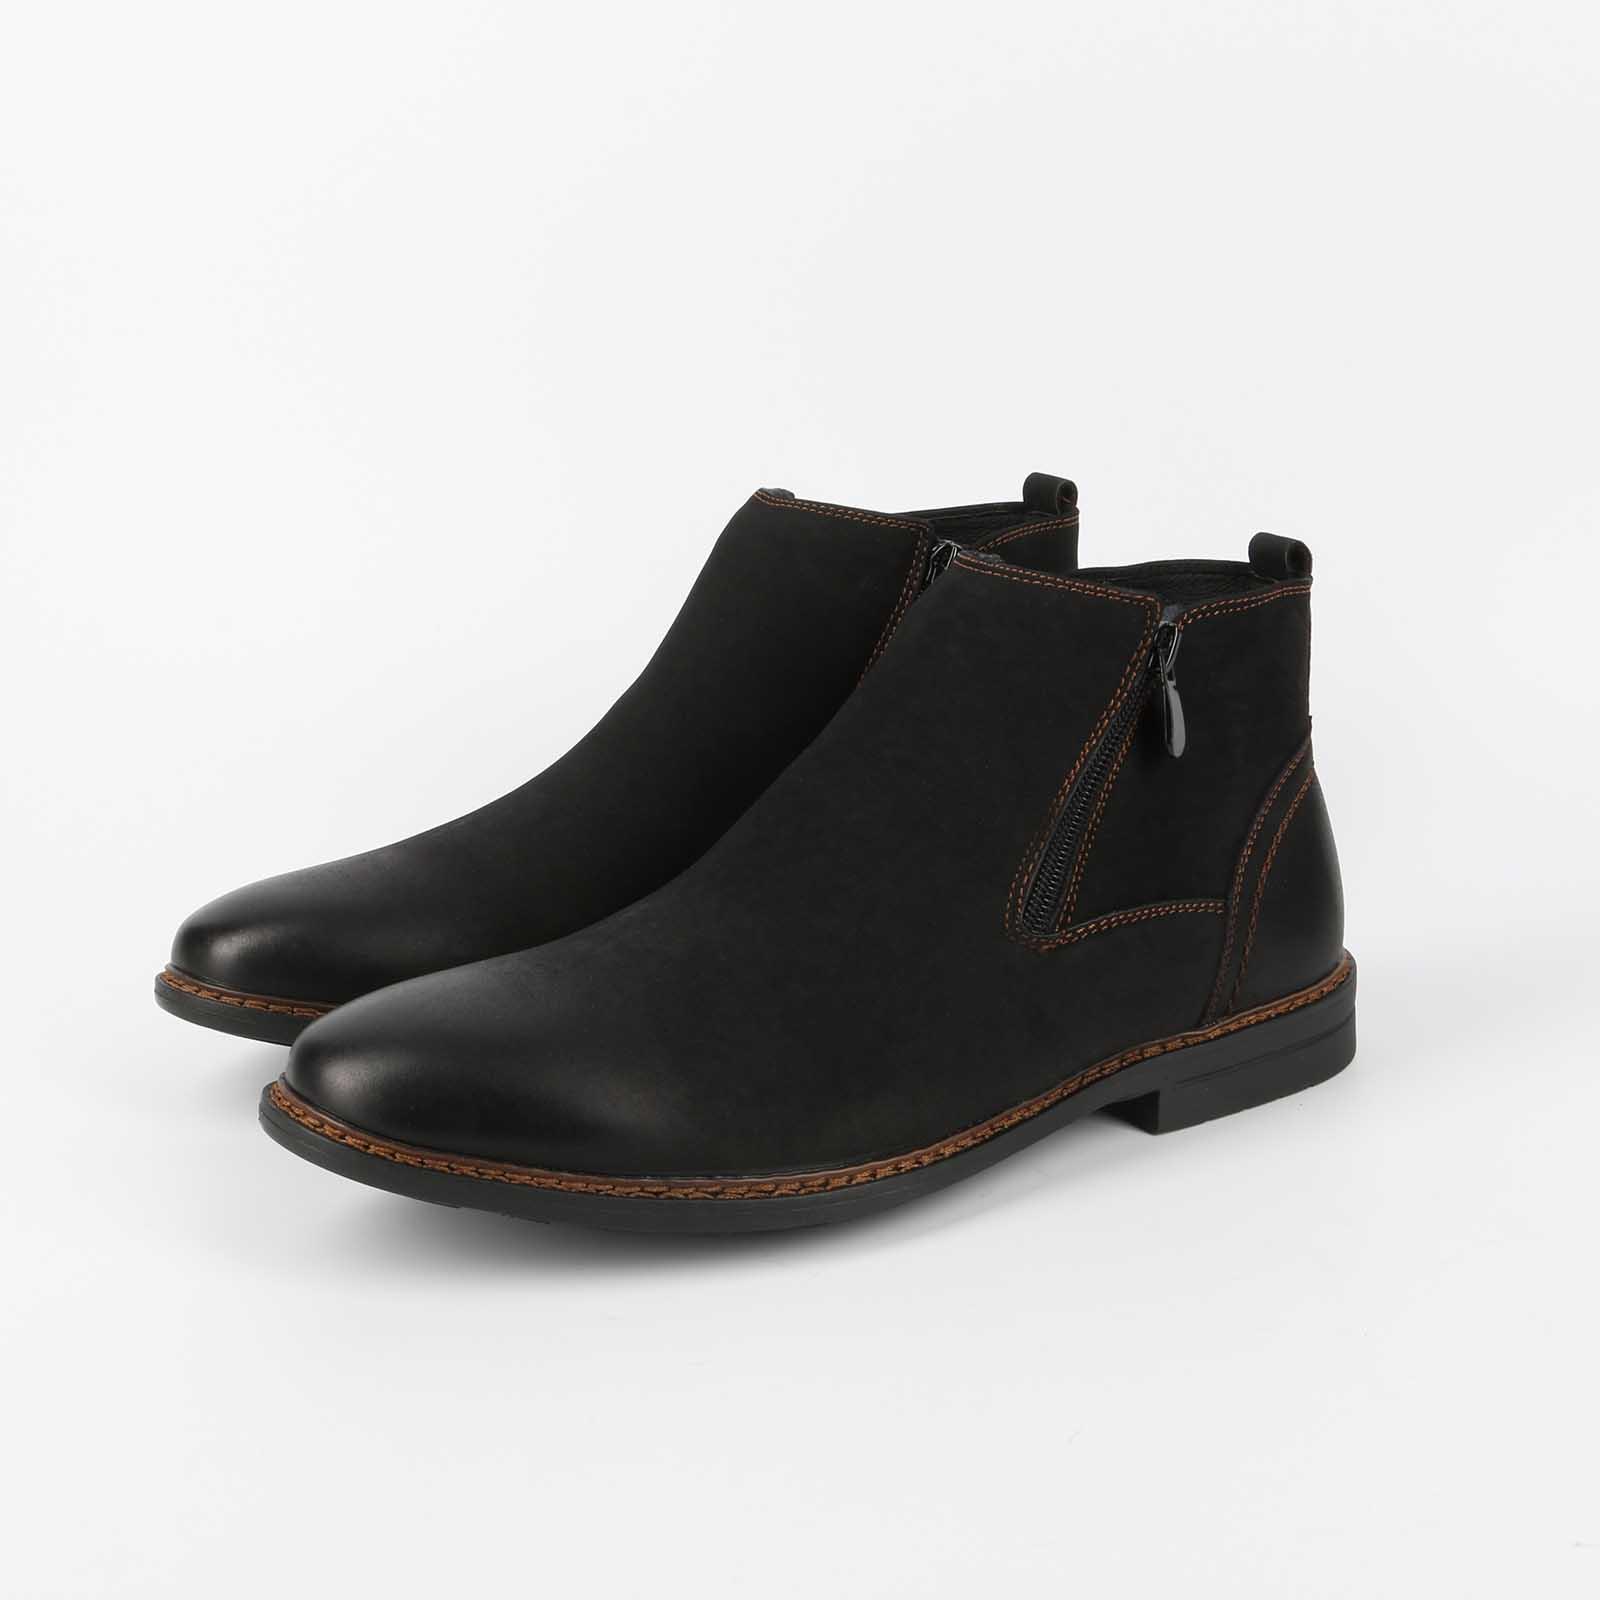 Ботинки мужские с модным дизайном